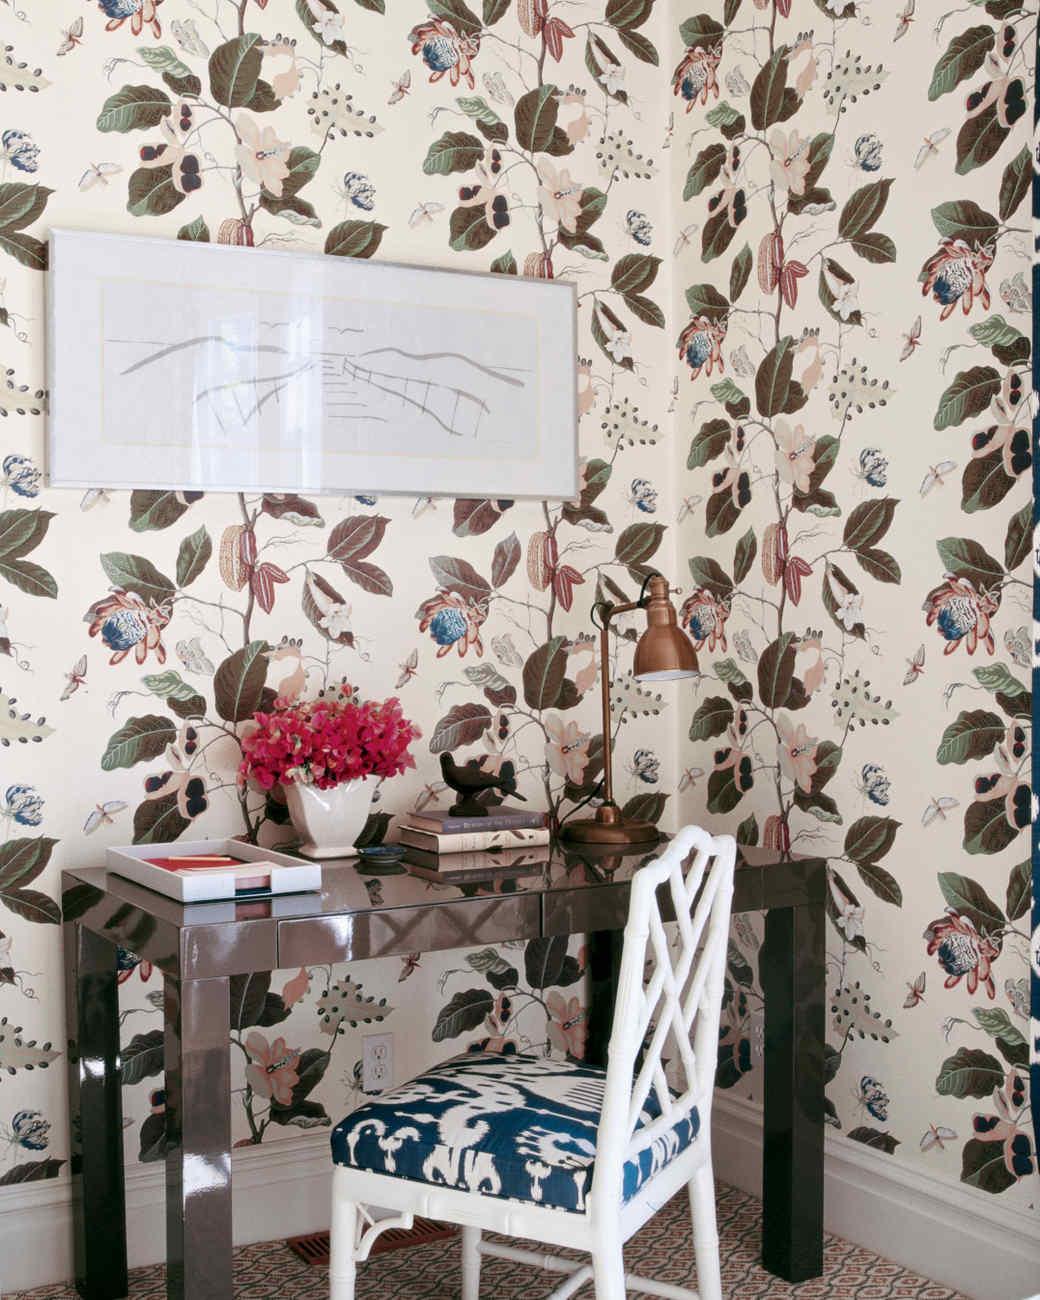 pattern-bedroomoffice-0511mla105175.jpg